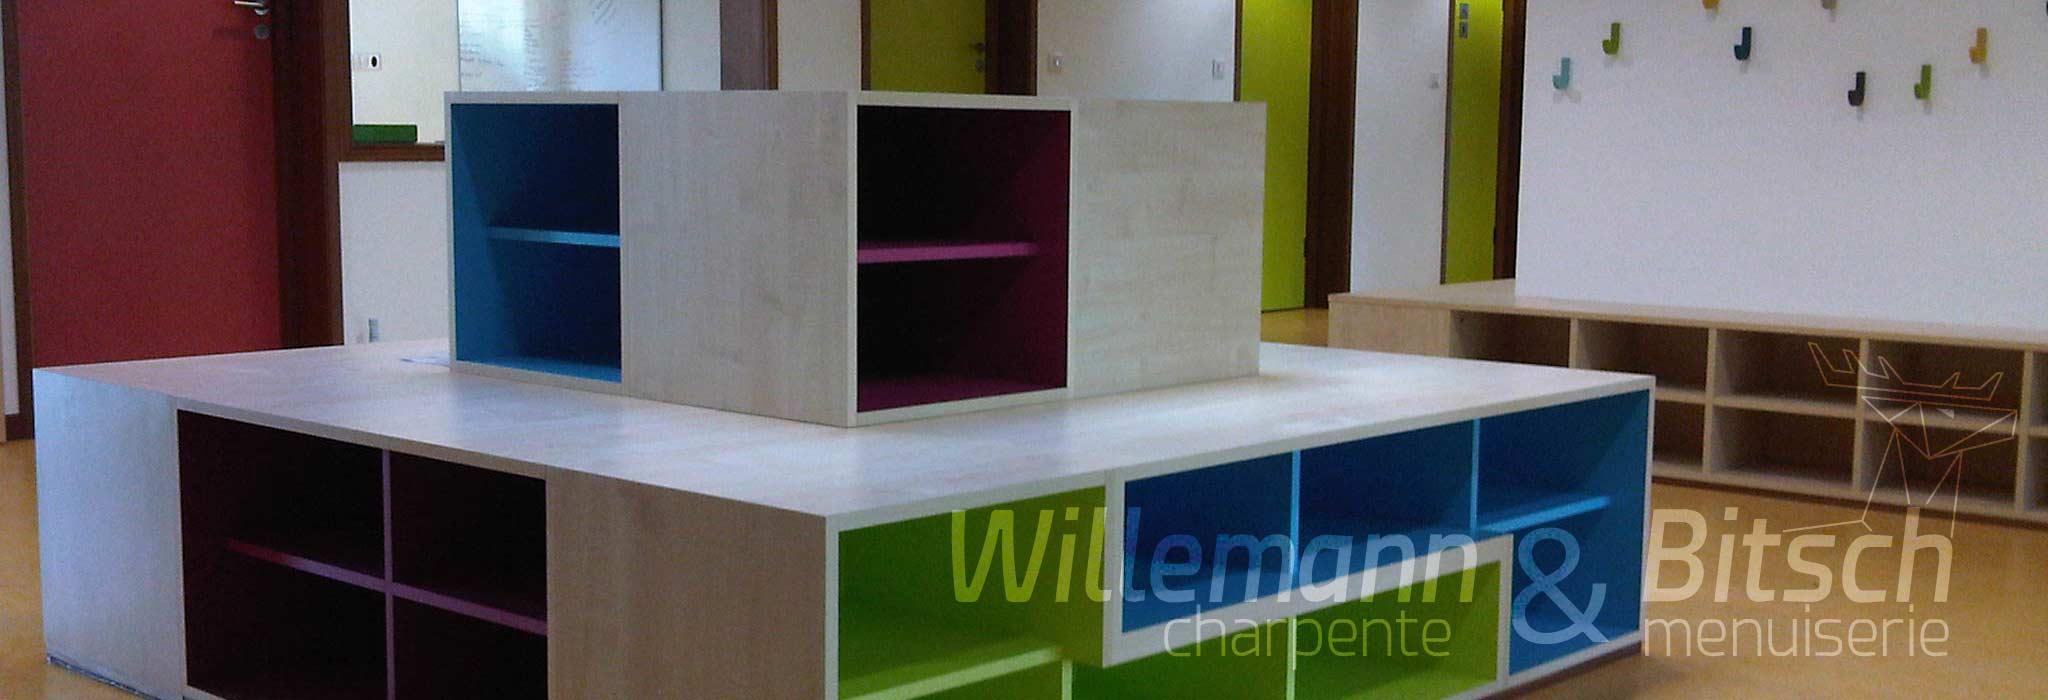 slider-entrée-agencement-meuble-burnhaupt-alsace-68-professionnel-communauté